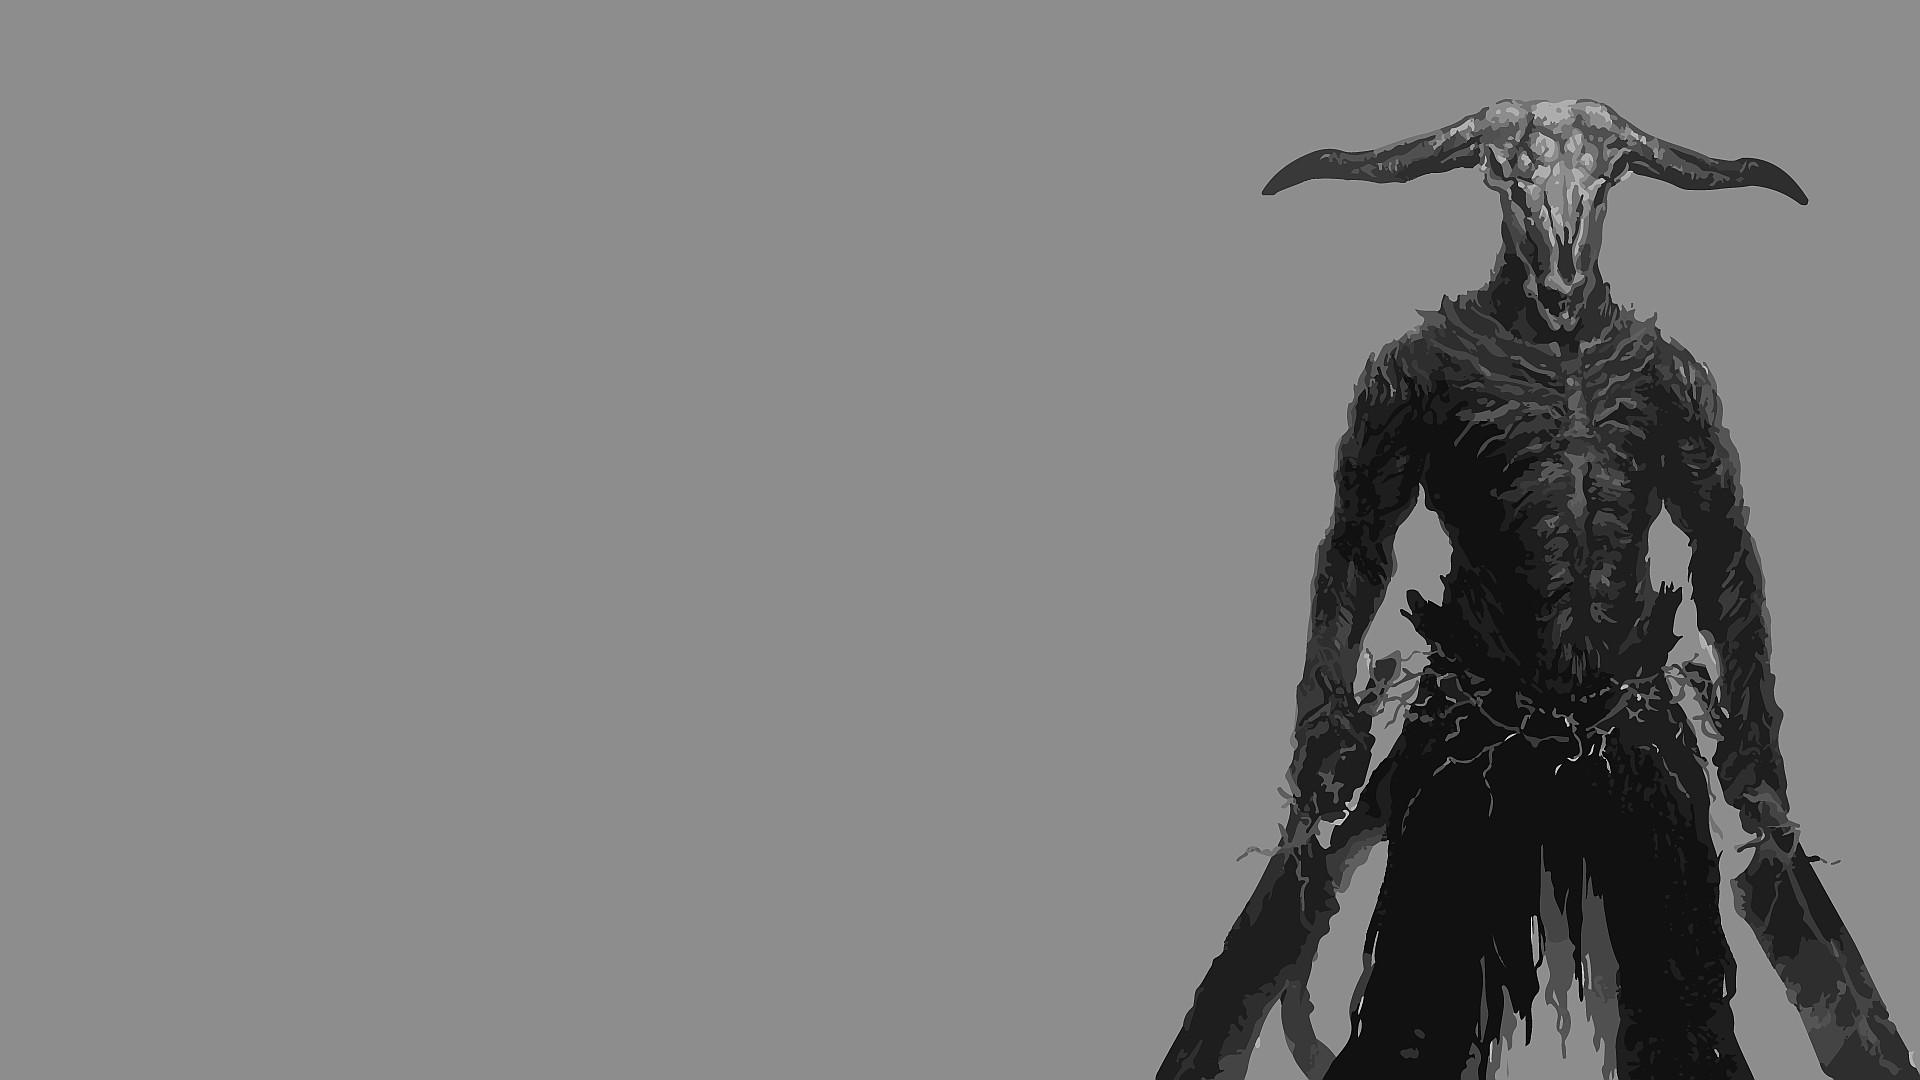 Assasin Dark Souls Desktop Background. Download …